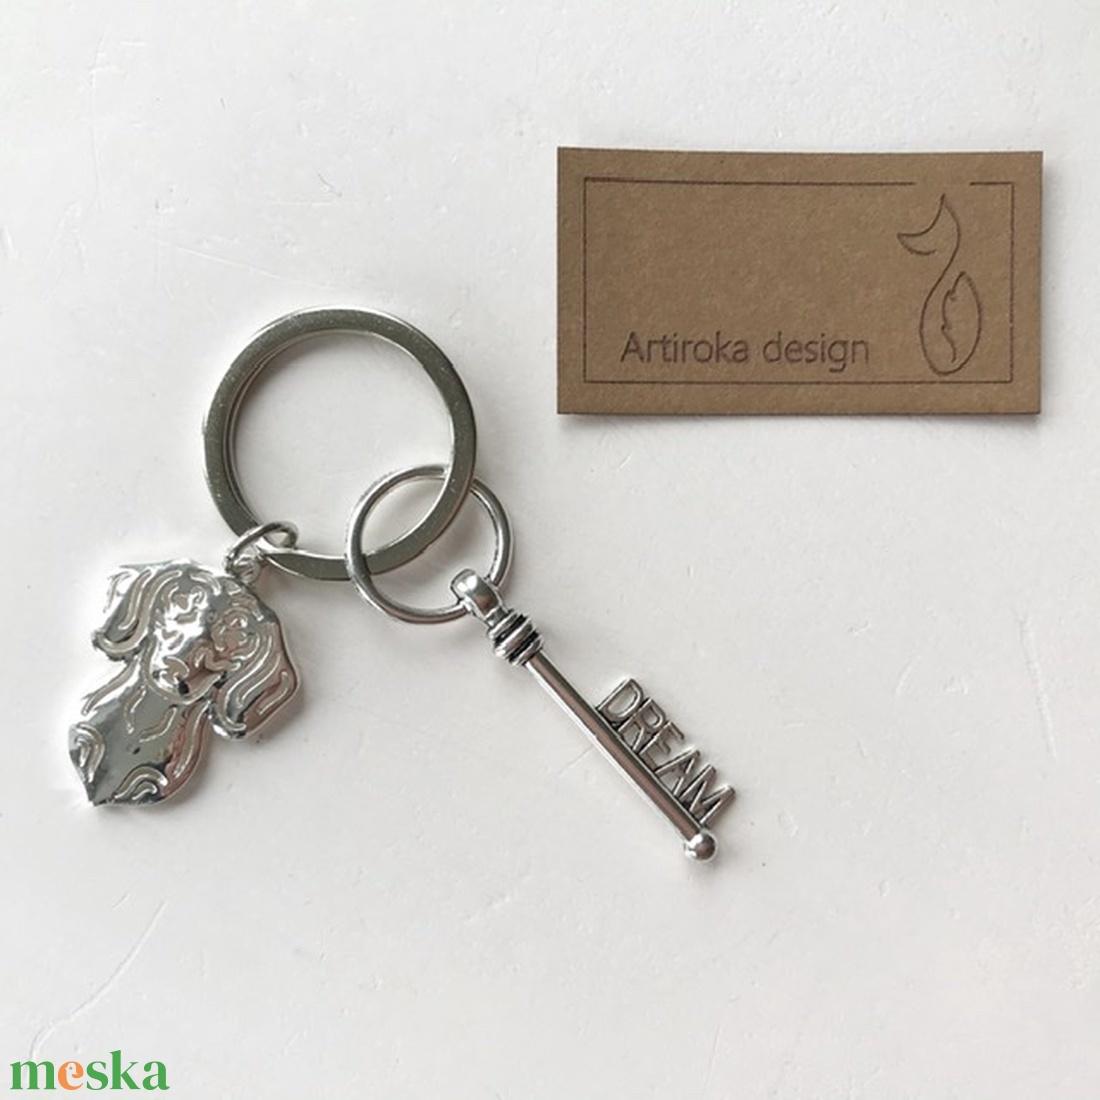 Tacskó kutya mintás, egyedi kulcstartó,  álom kulcs dísszel - Artiroka design - Meska.hu